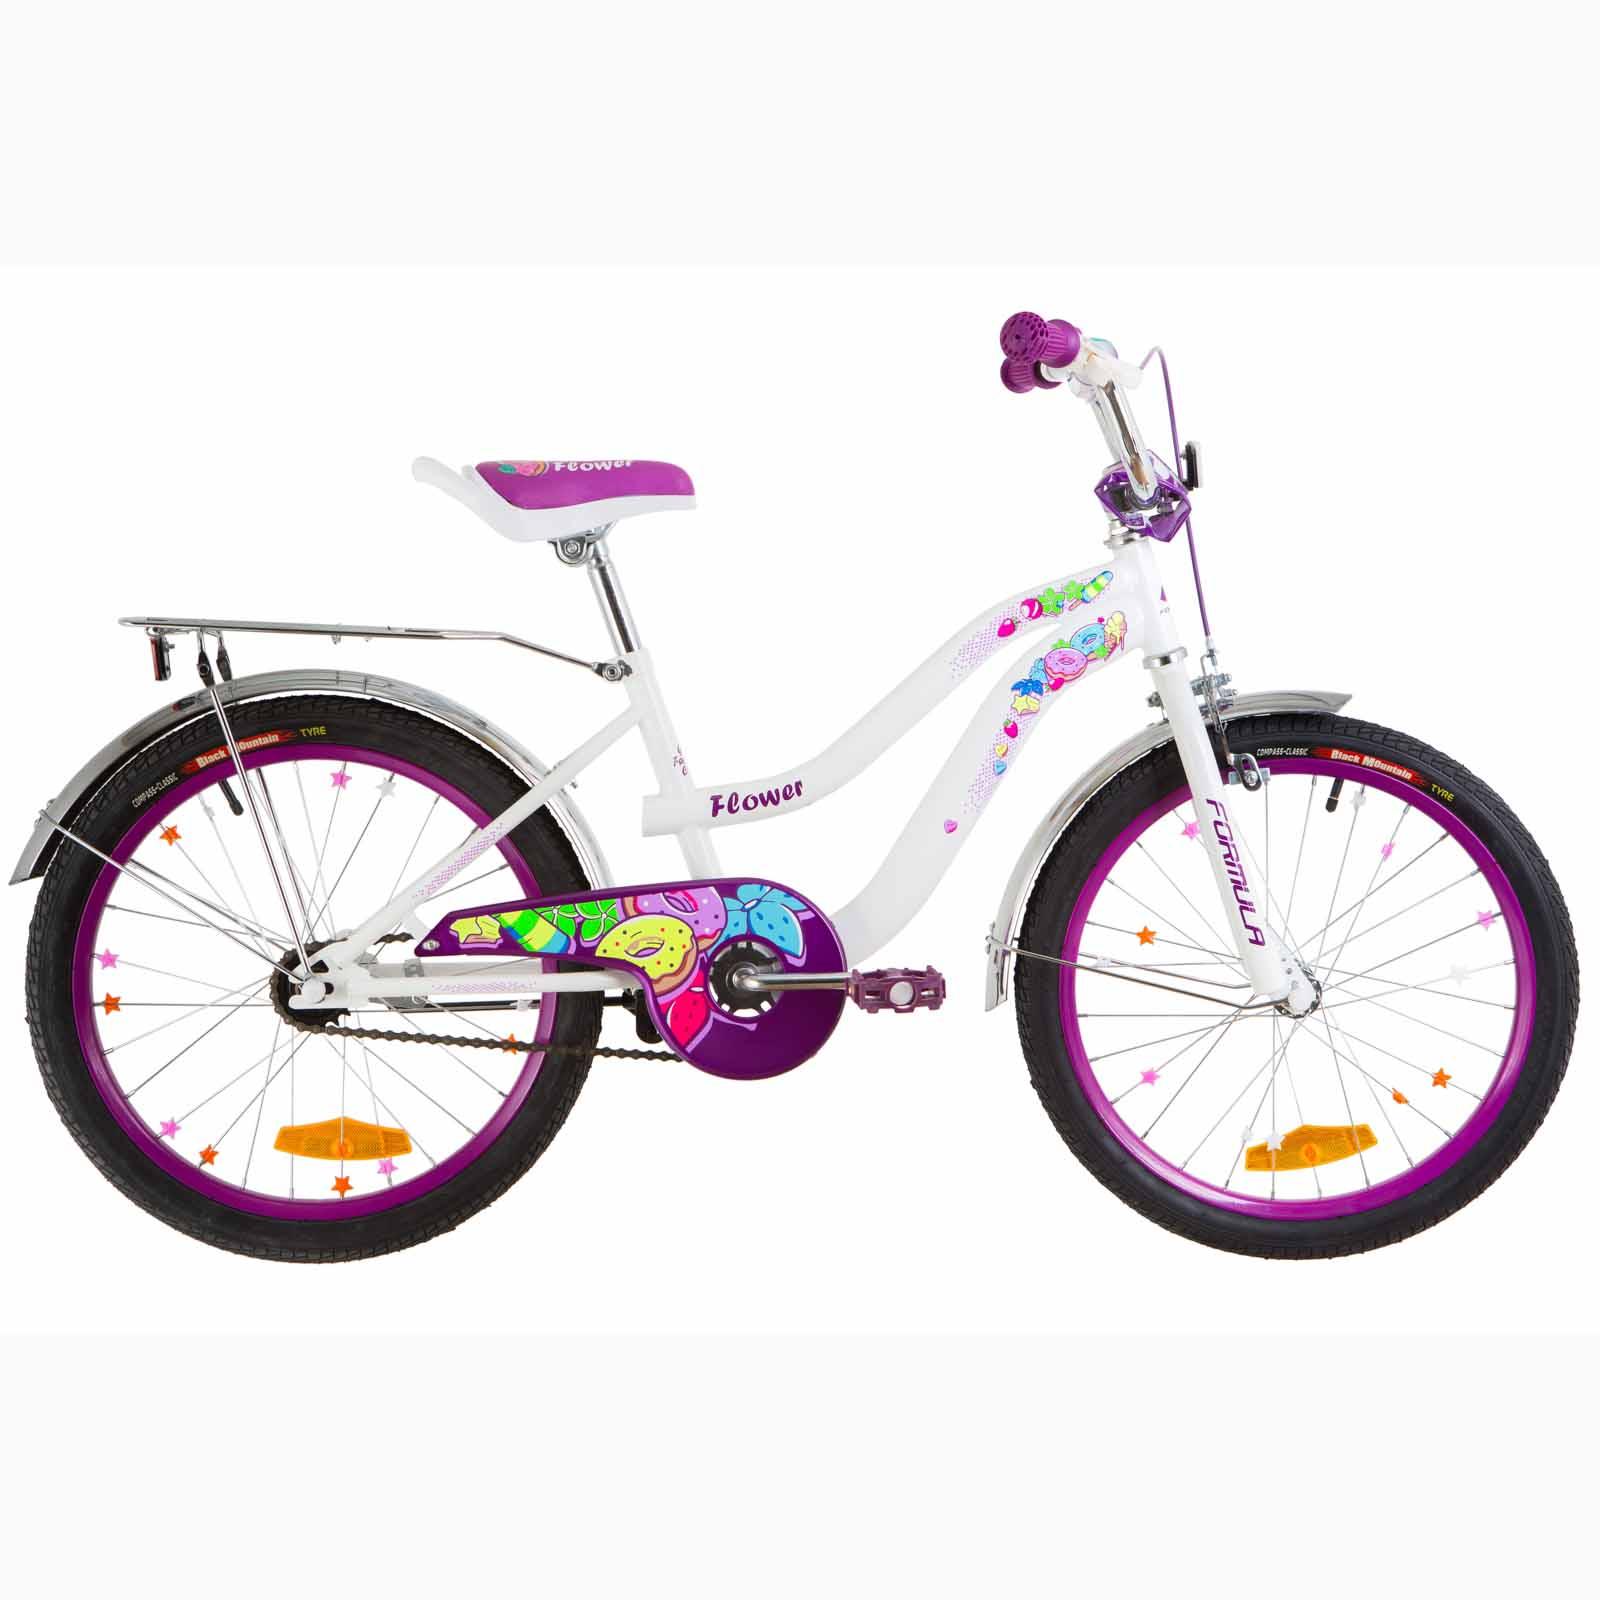 Фото Детский Велосипед 20 Formula FLOWER   бело-фиолетовый 2019